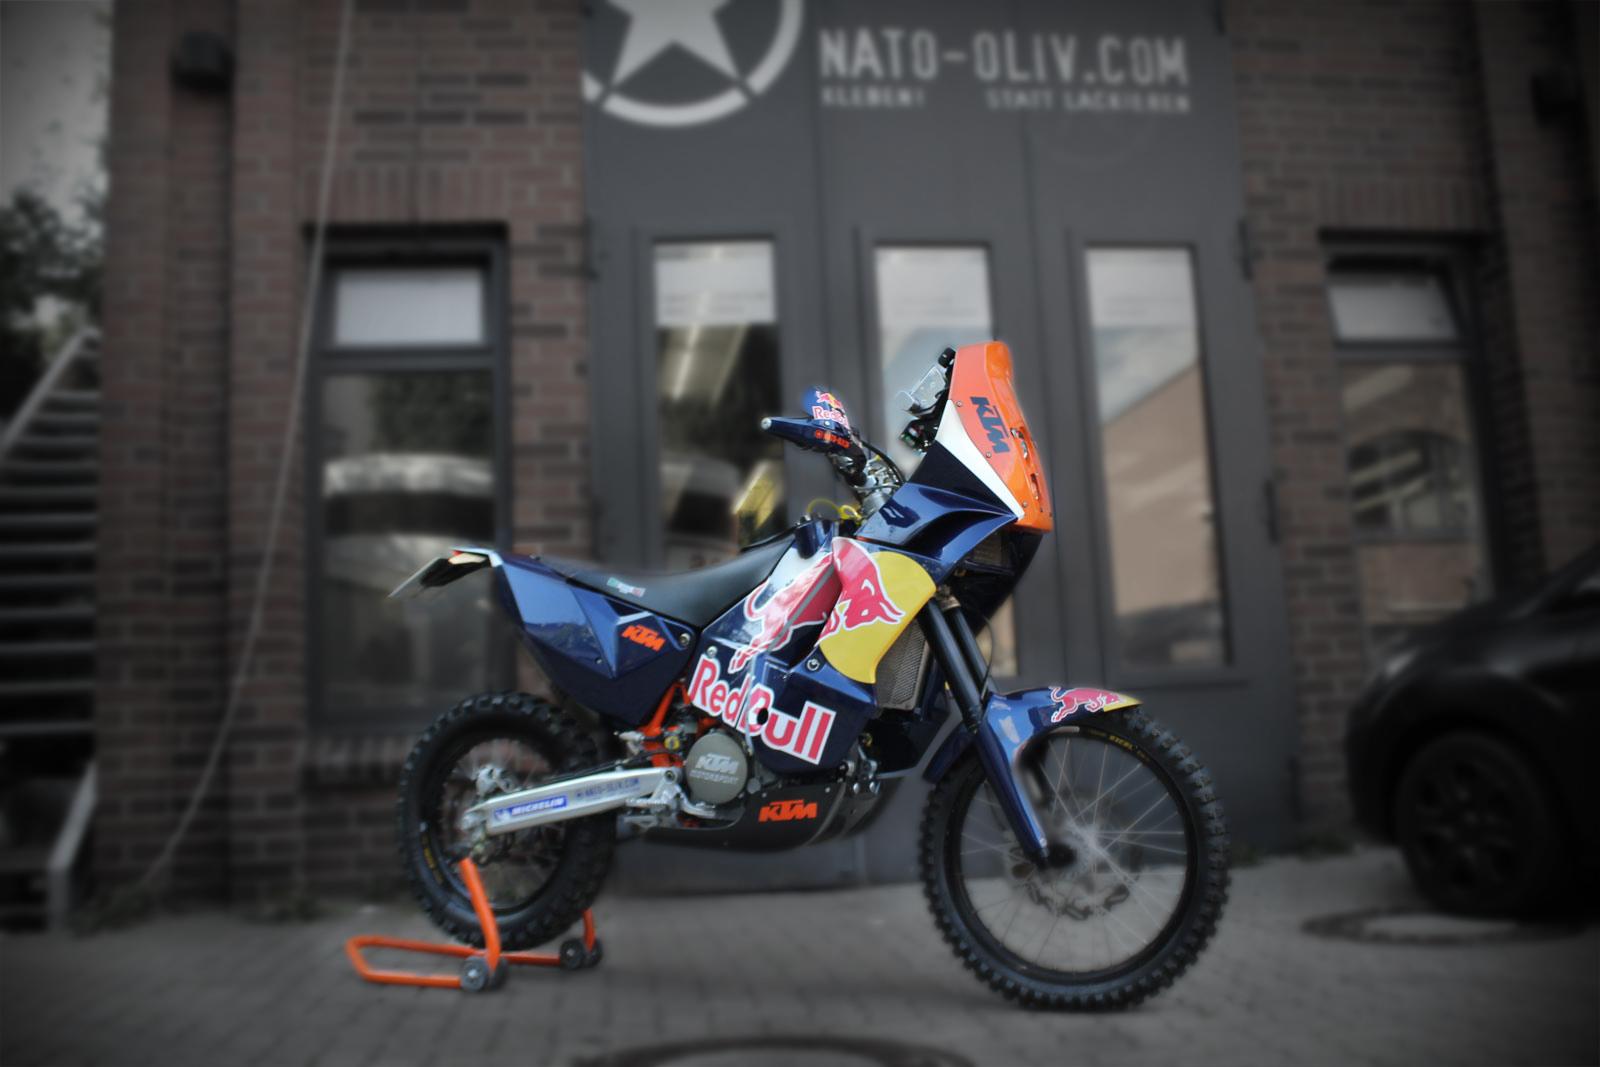 Dieses KTM Motorrad wurde von uns gebrandet und Teile wurden in orange foliert.